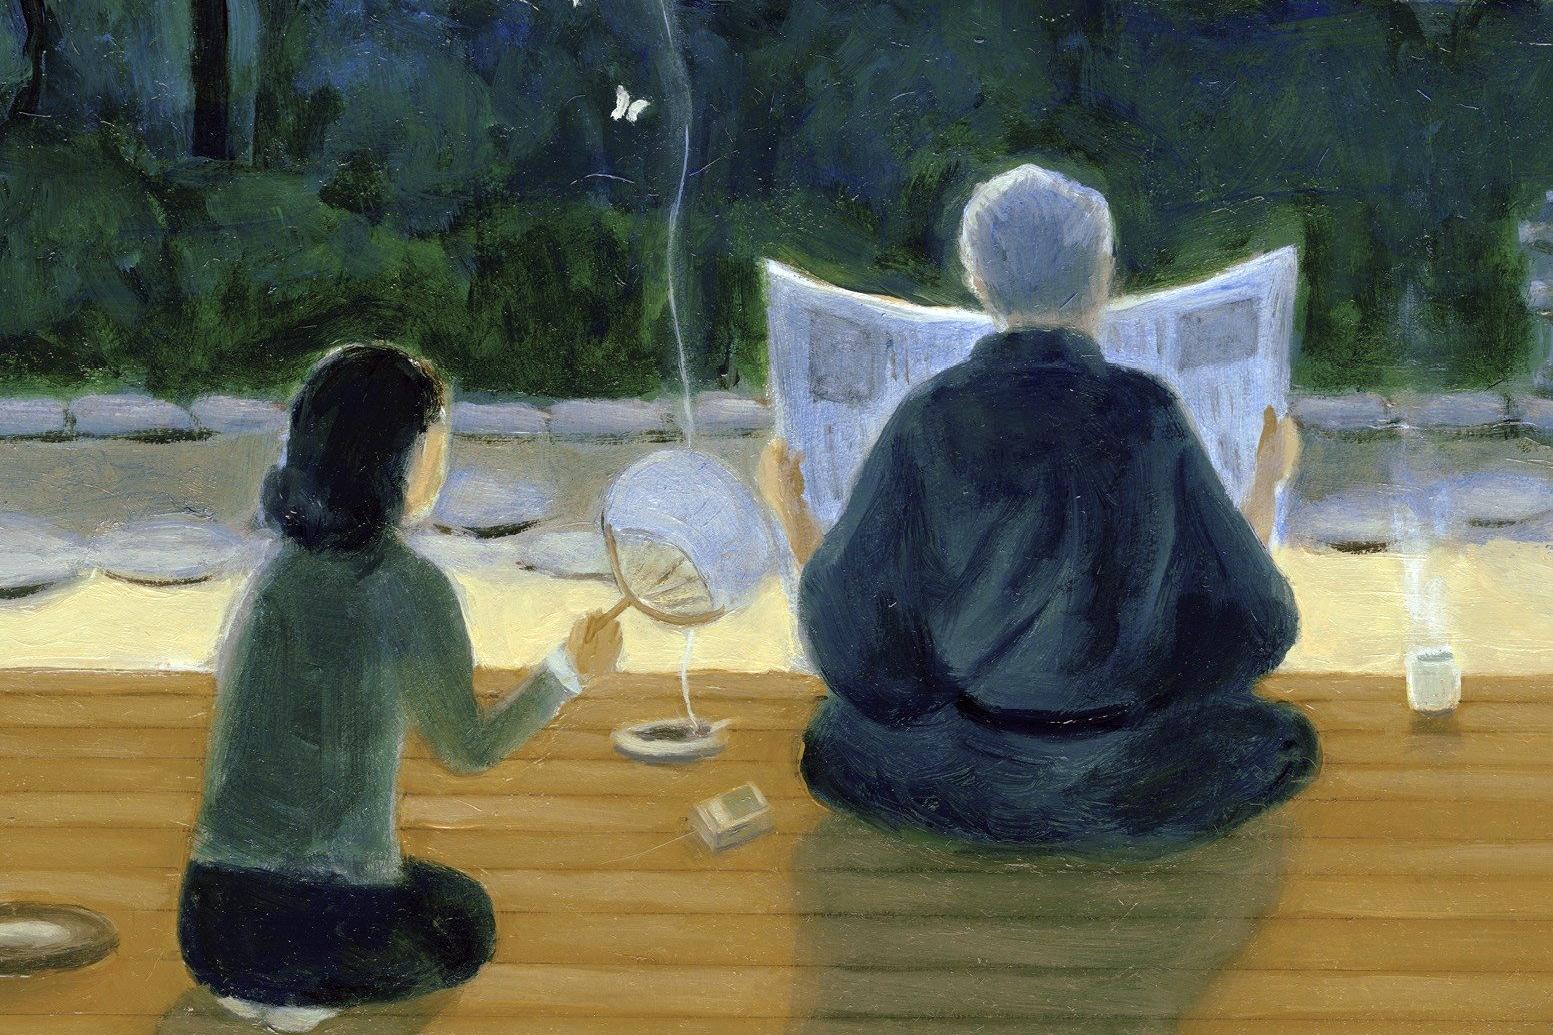 Nghệ thuật tự sự trong tiểu thuyết của Yasunari Kawabata